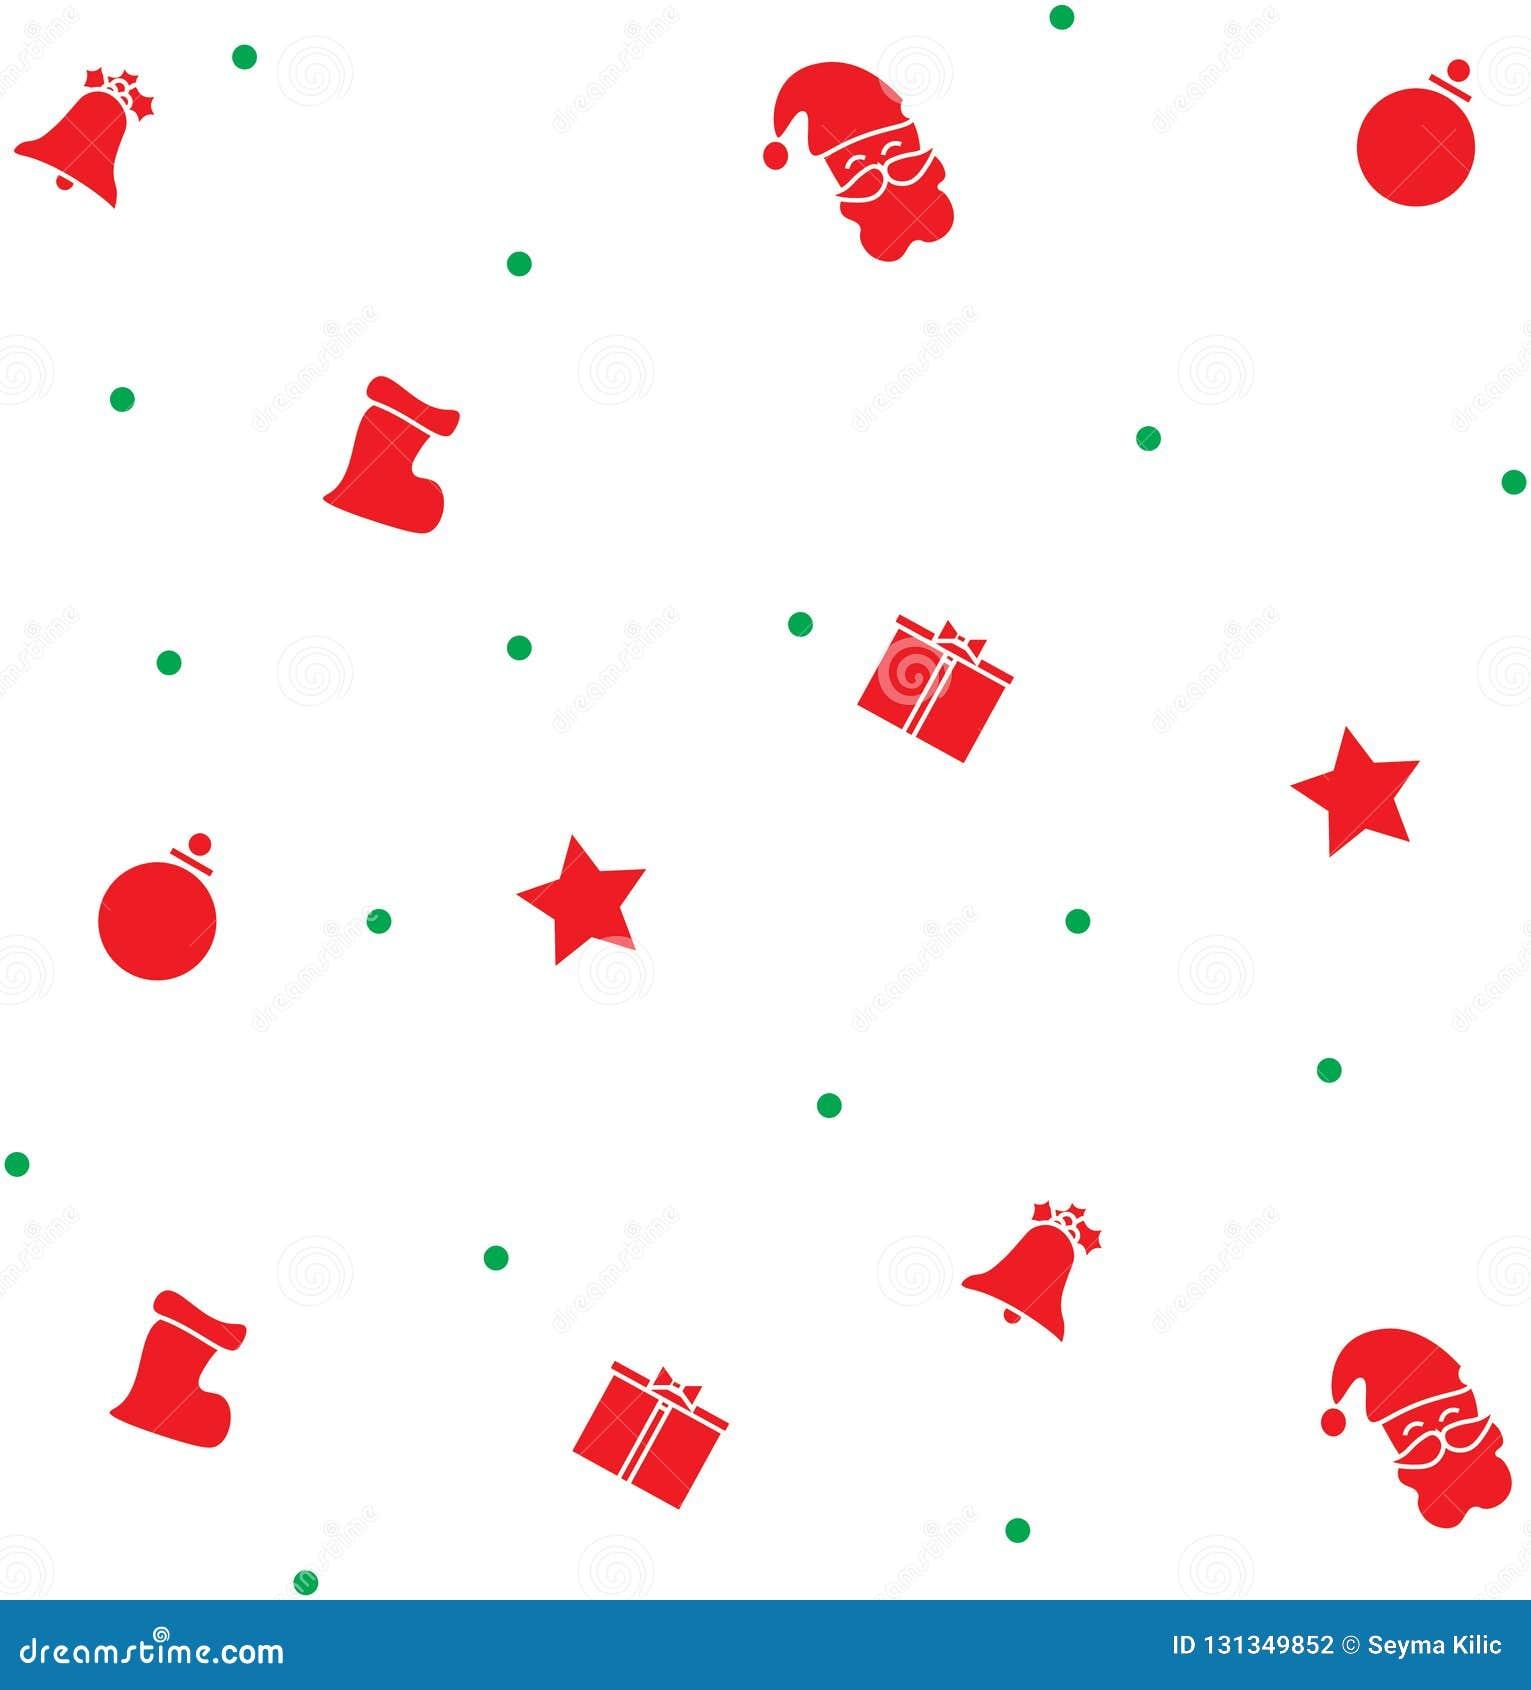 Gráfico de la Navidad del color rojo y verde